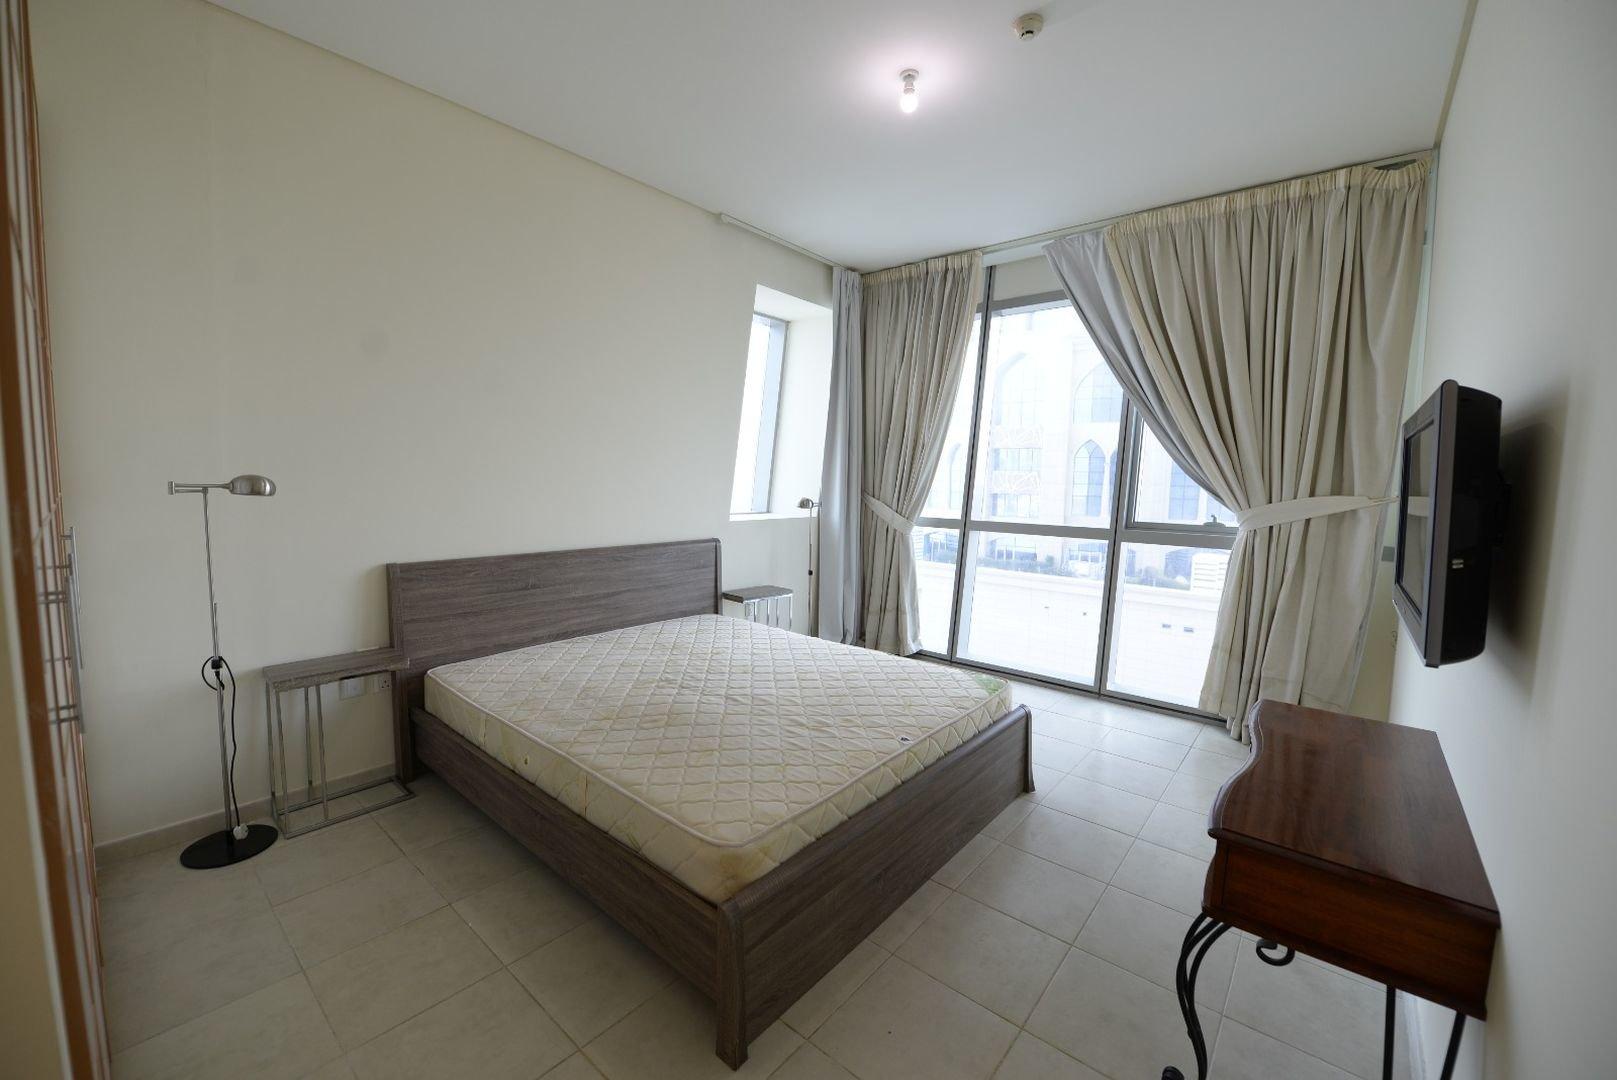 Ad Rental Apartment Doha West Bay, 2 Rooms ref:L1821DA